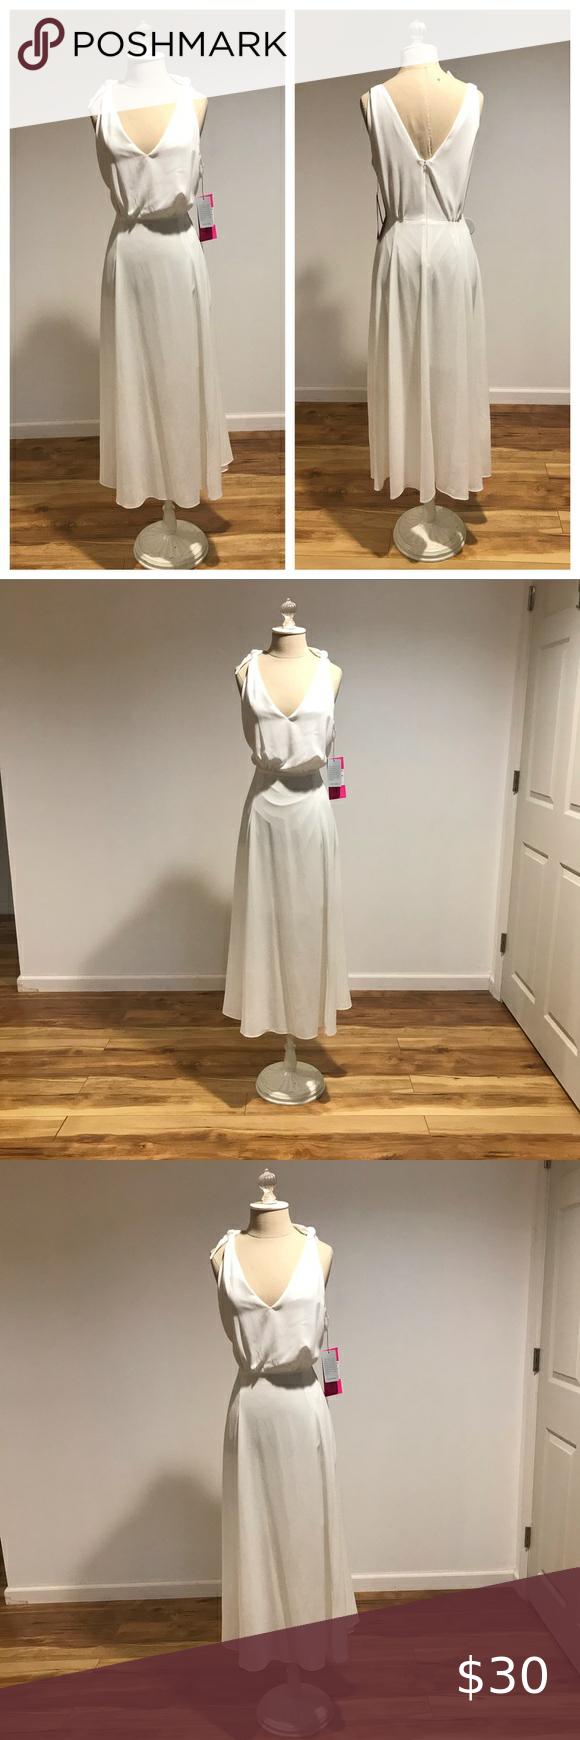 Betsey Johnson Dress White Maxi Size 8 Betsey Johnson Dress White Maxi Betsey Johnson Dresses [ 1740 x 580 Pixel ]